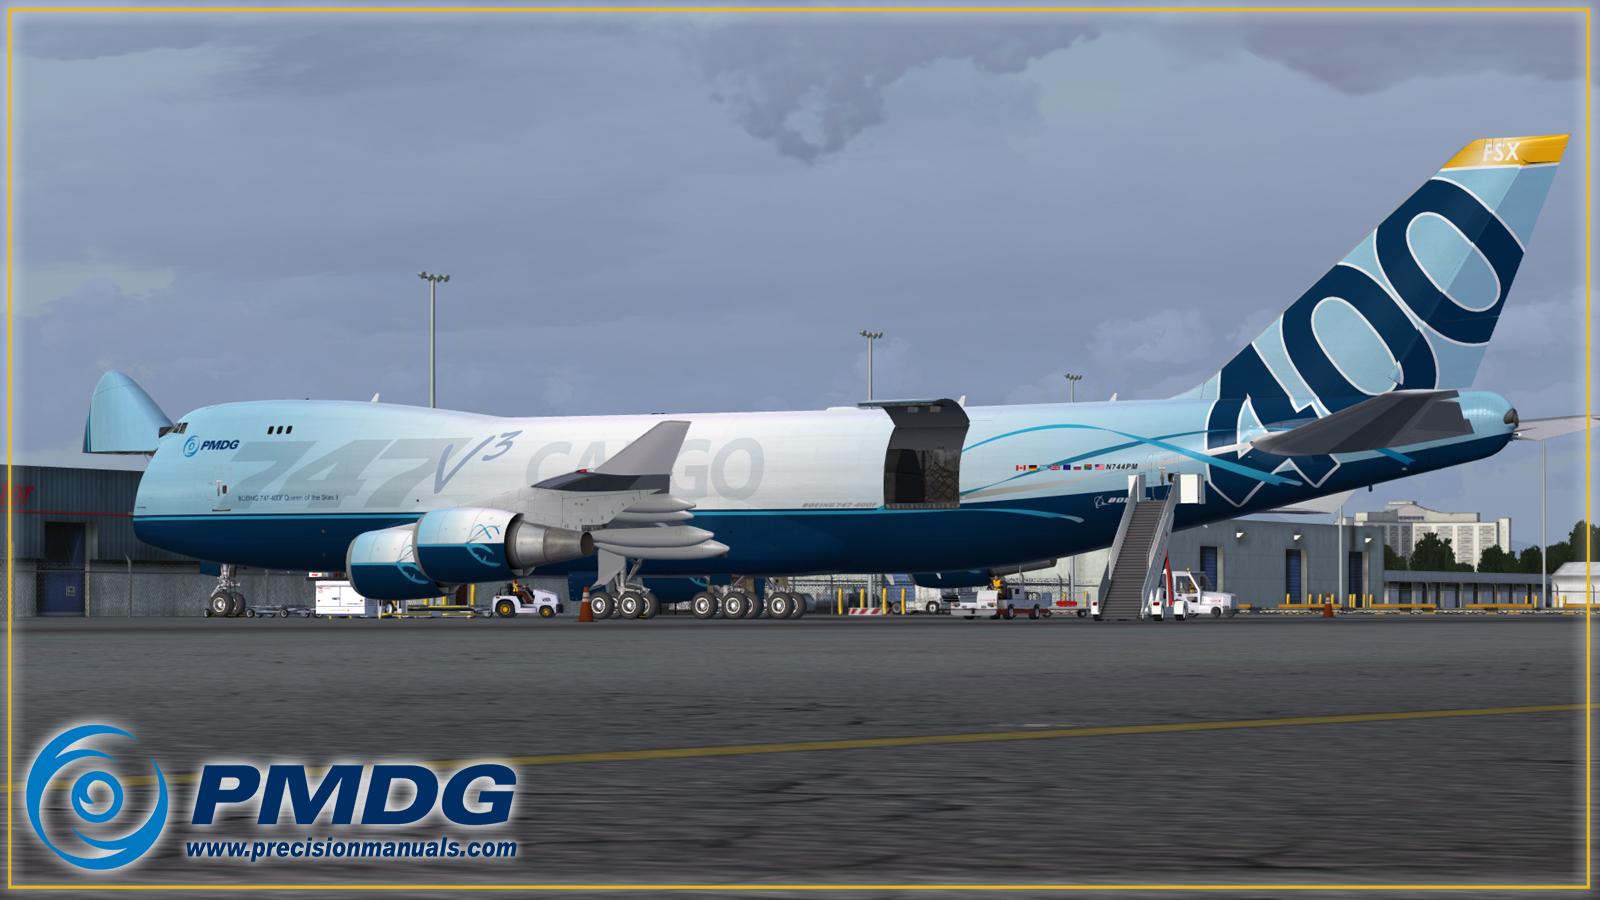 PMDG_744F_sideview.jpg